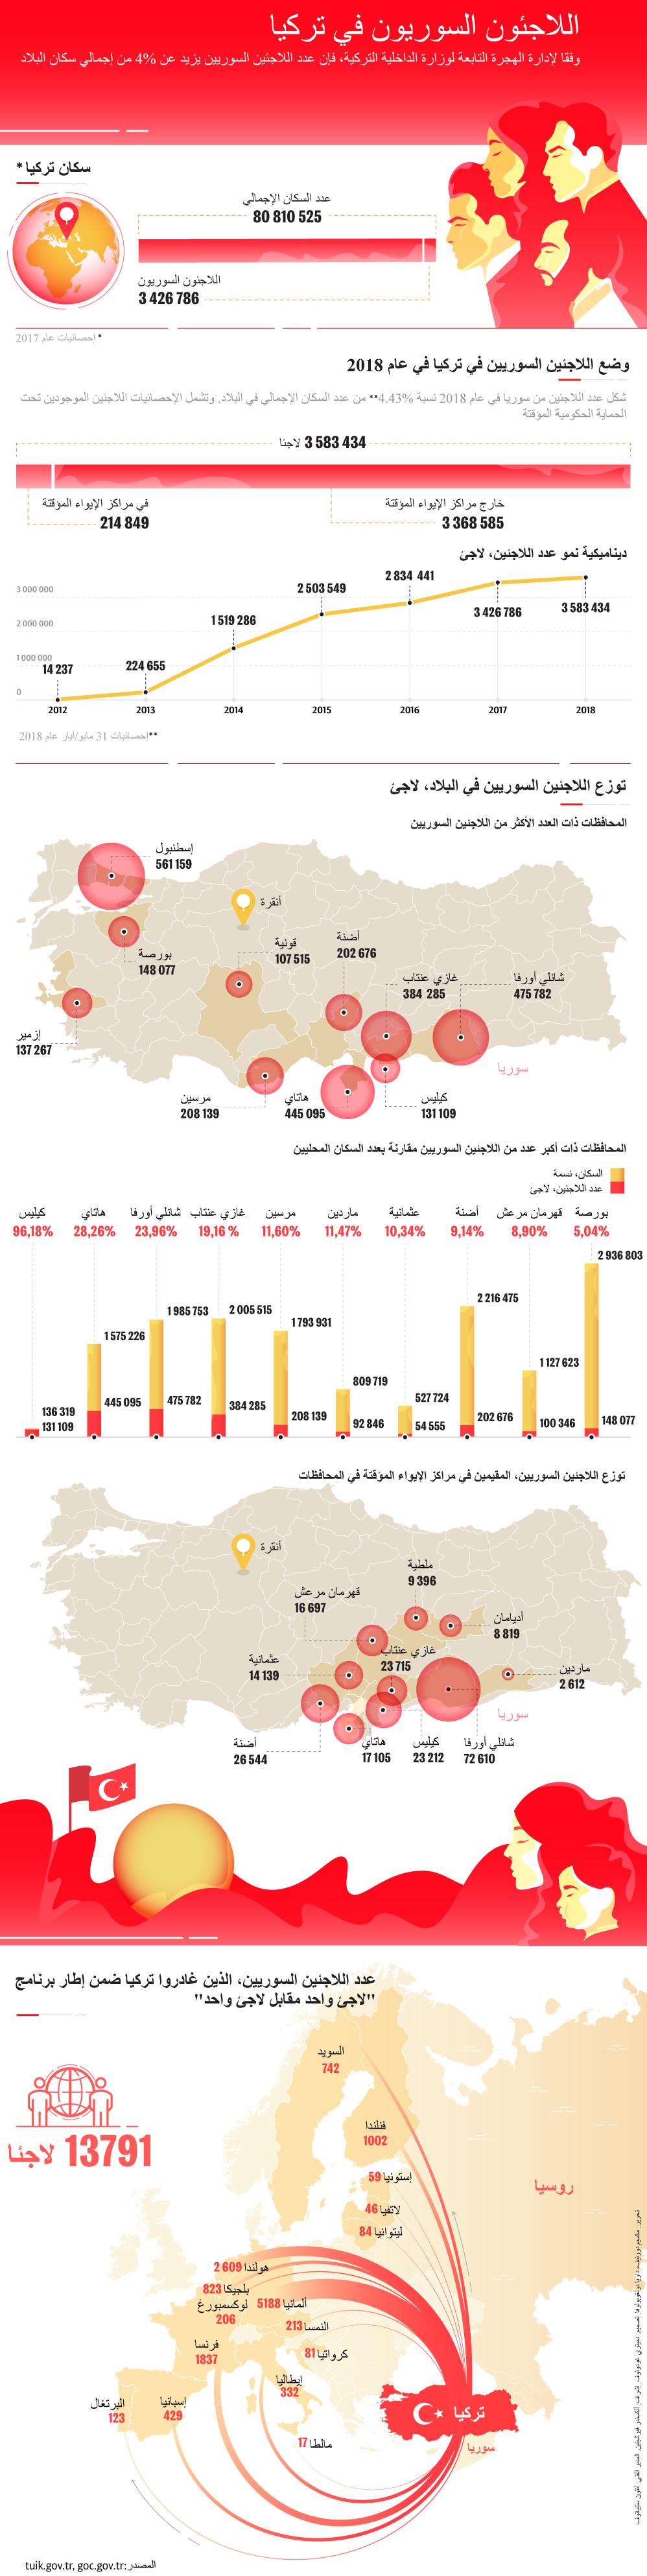 اللاجئون السوريون في تركيا